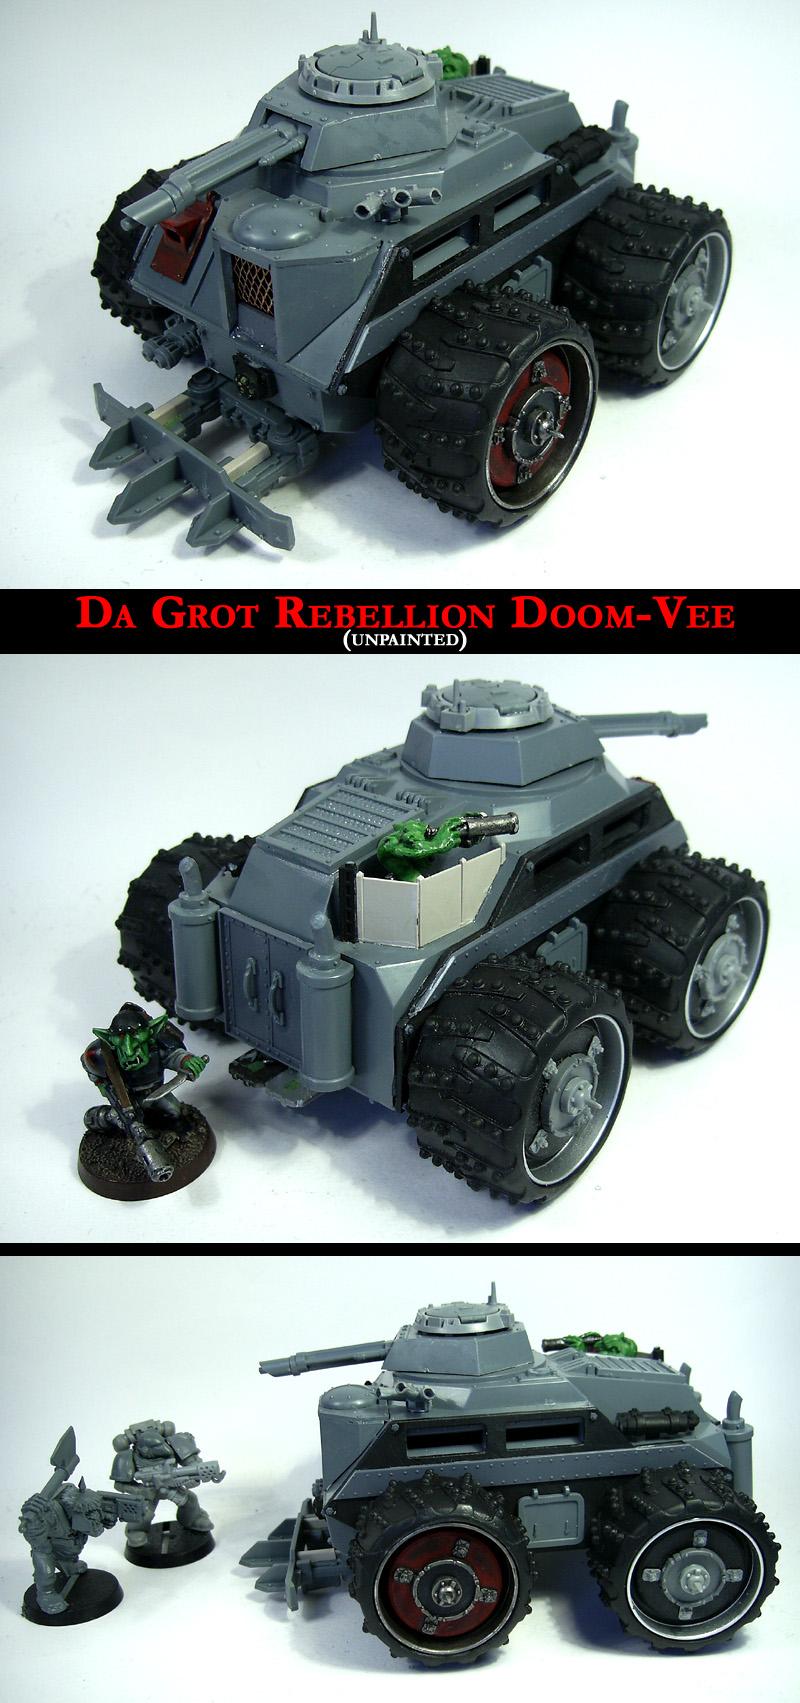 Da Grot Doom-Vee: Unpainted by Proiteus